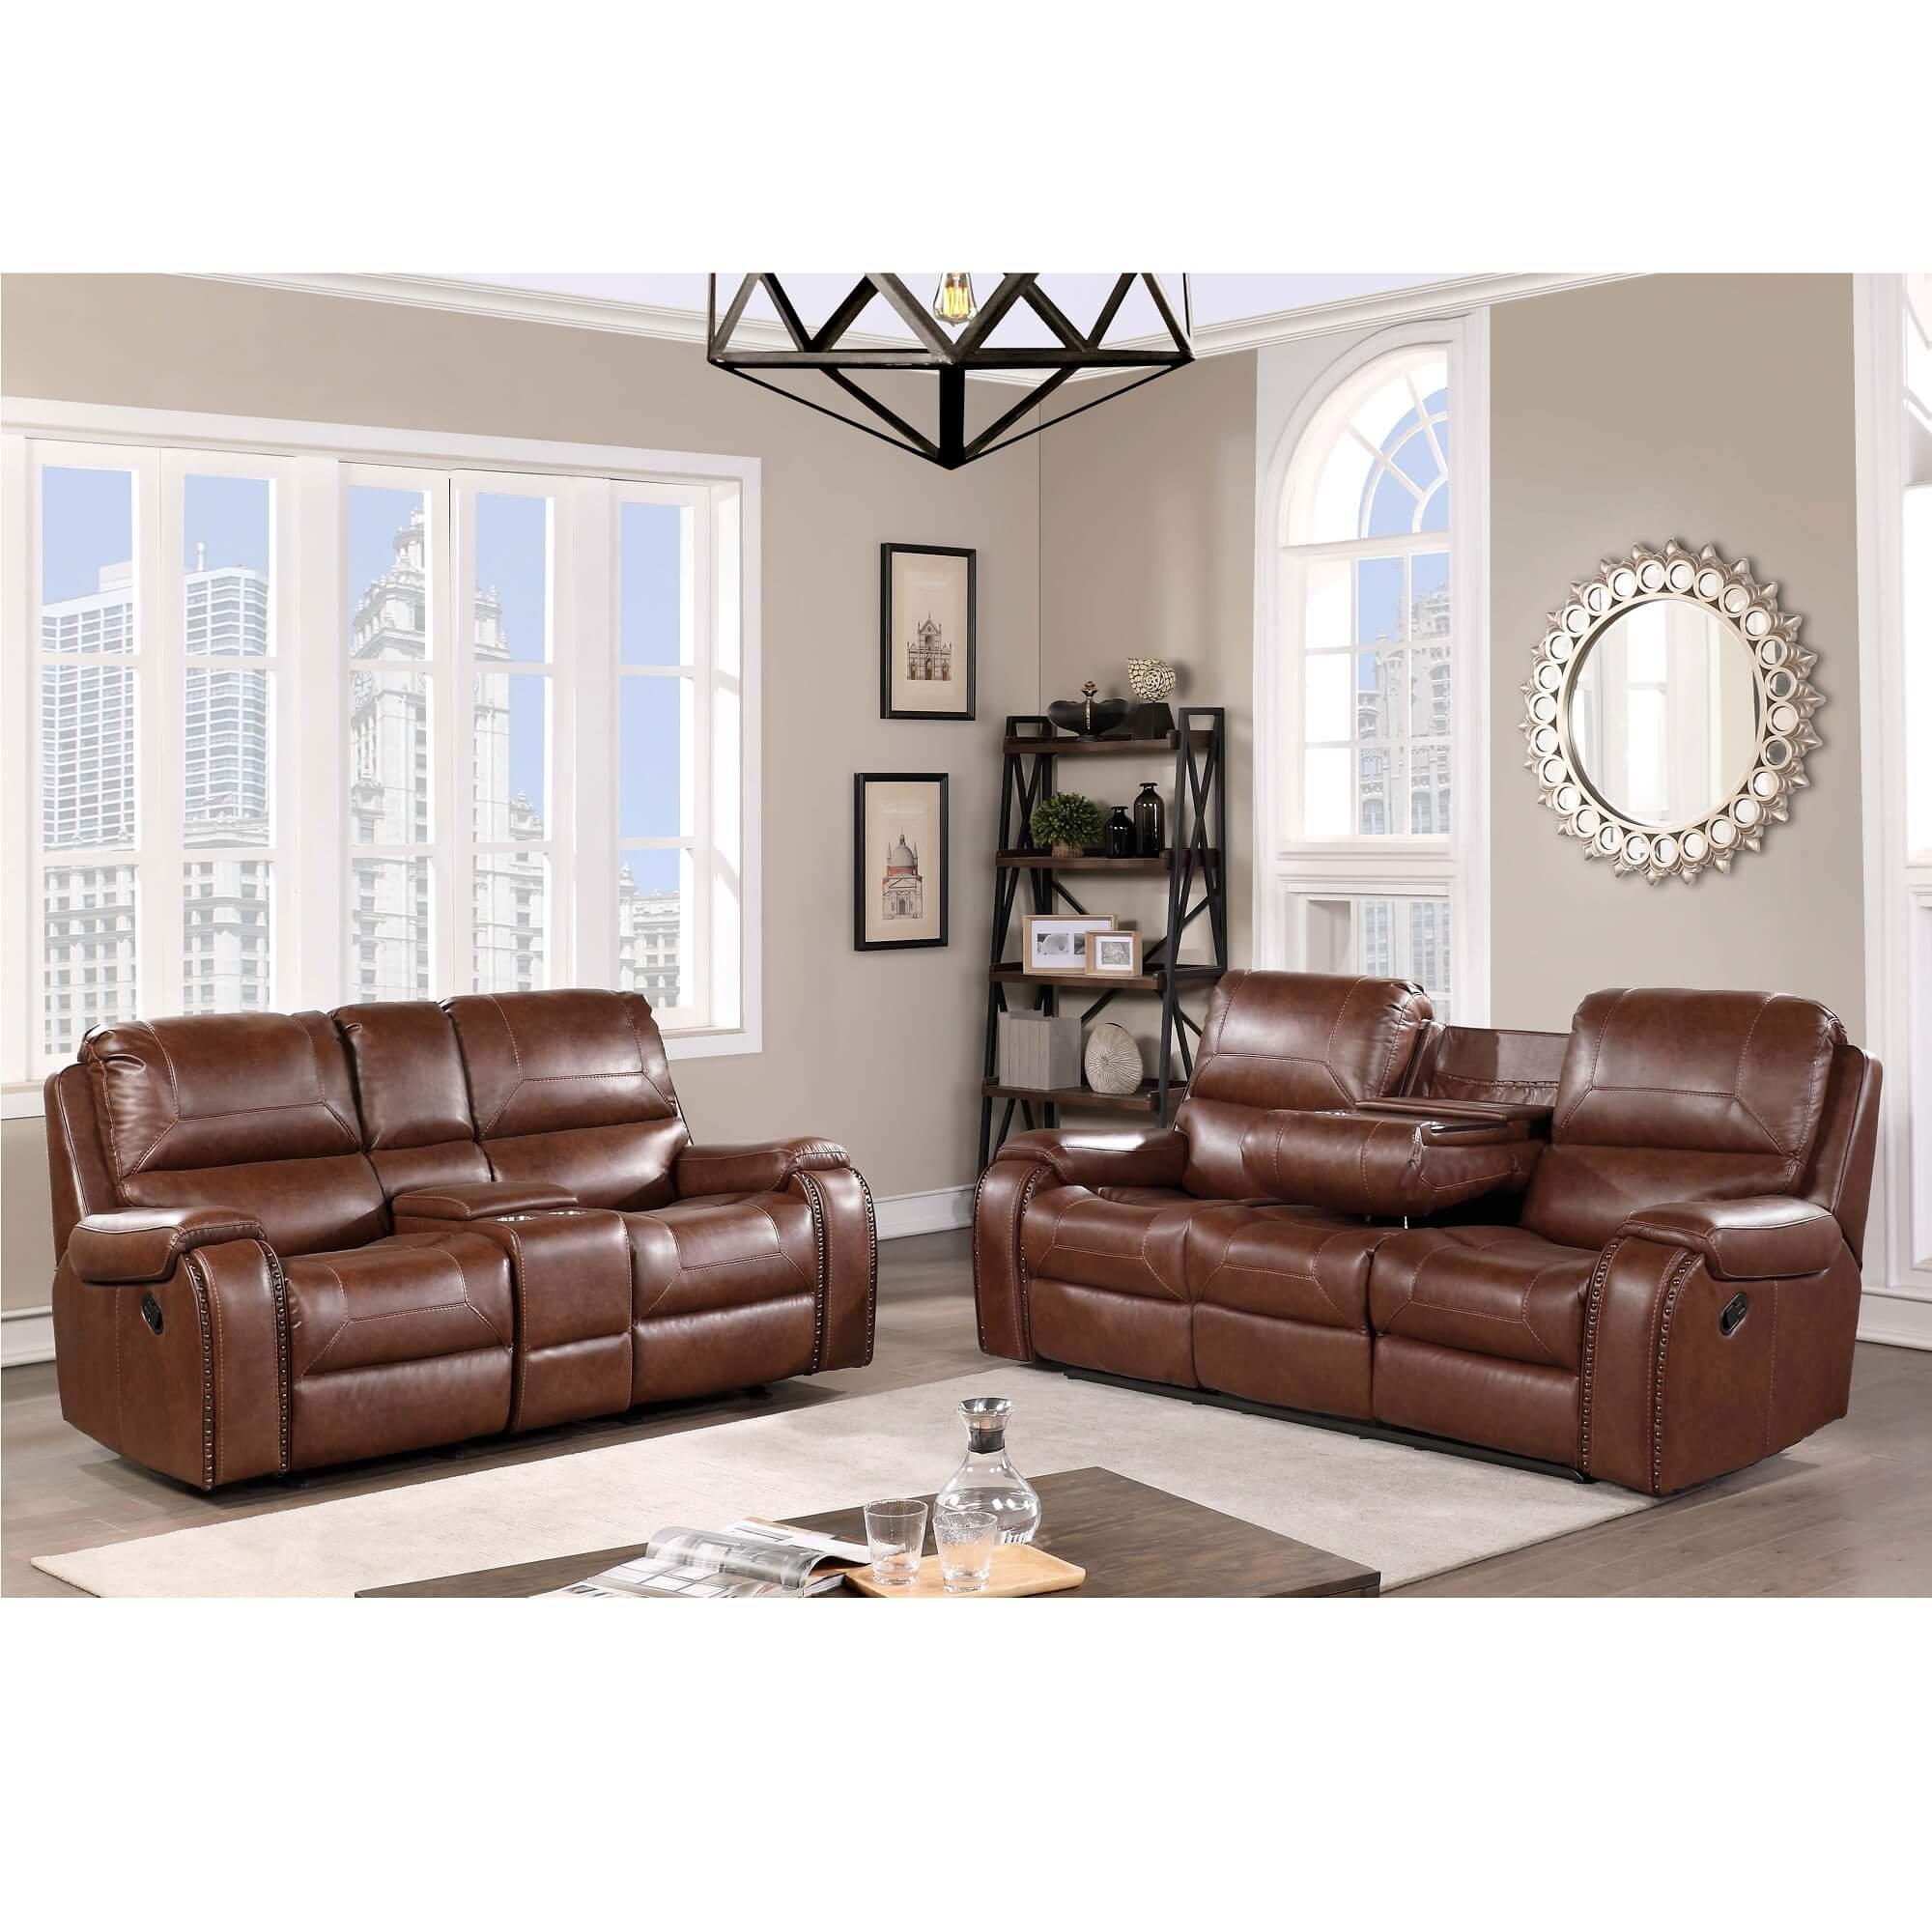 Leather Recliner Sofa Deals